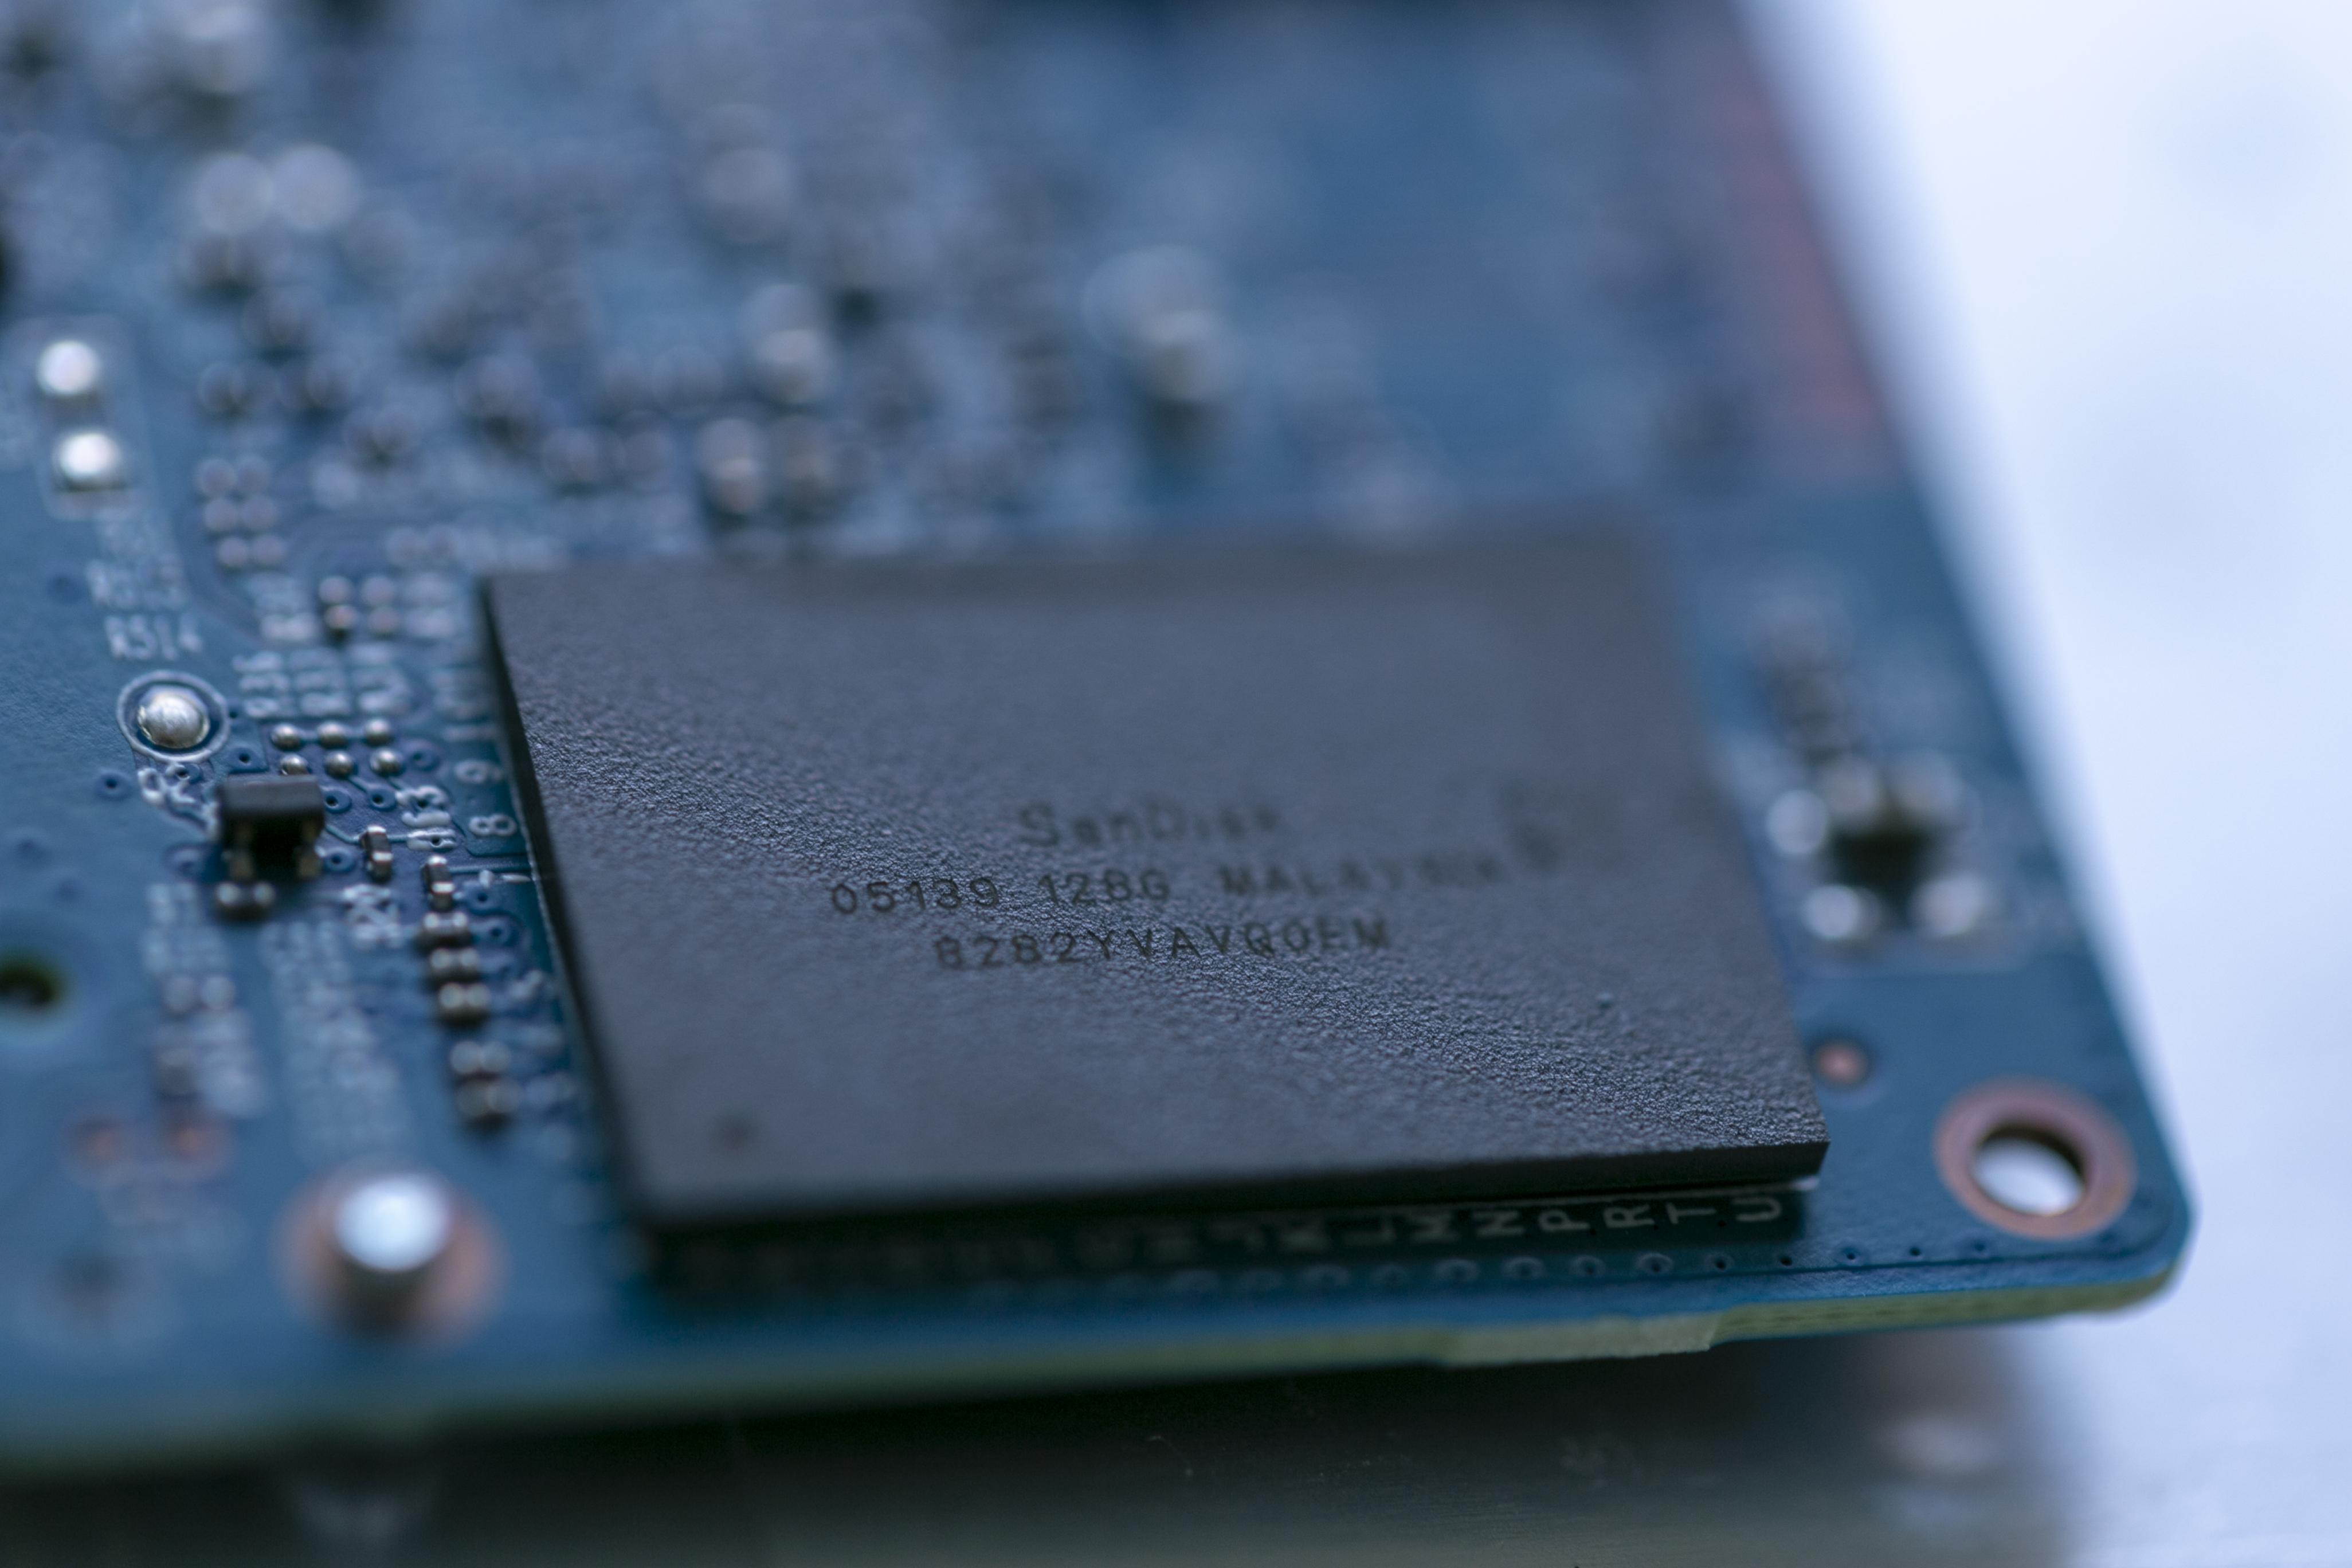 Western Digital WD Blue 500GB SSD (14)